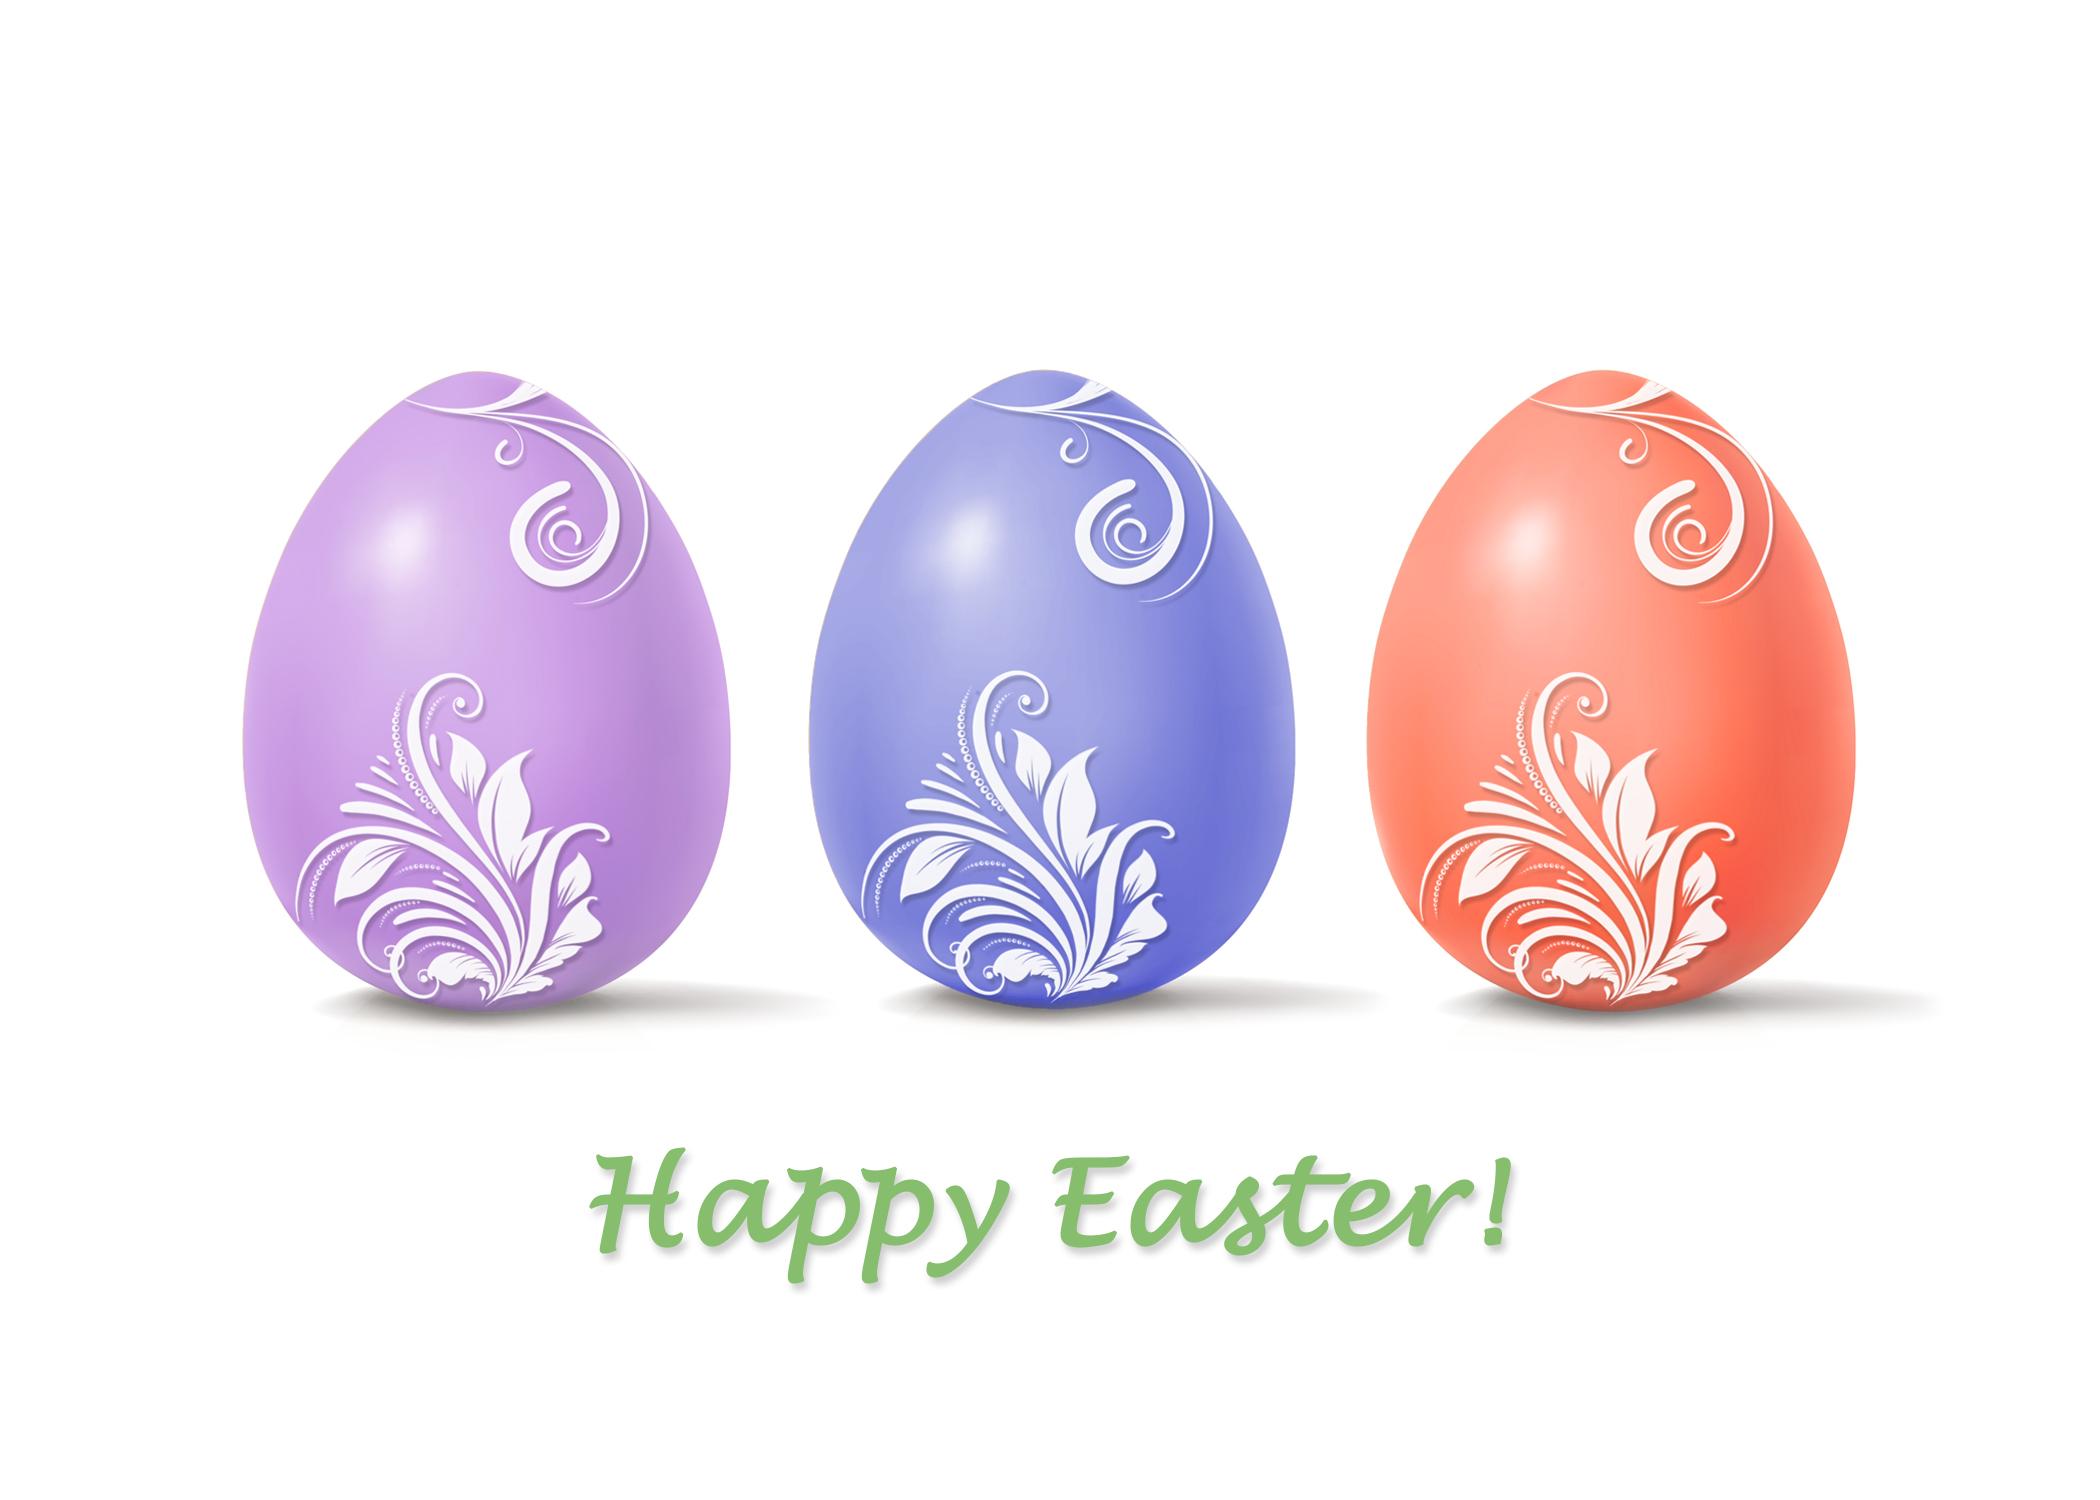 Easter 3 eggs 2016.jpg